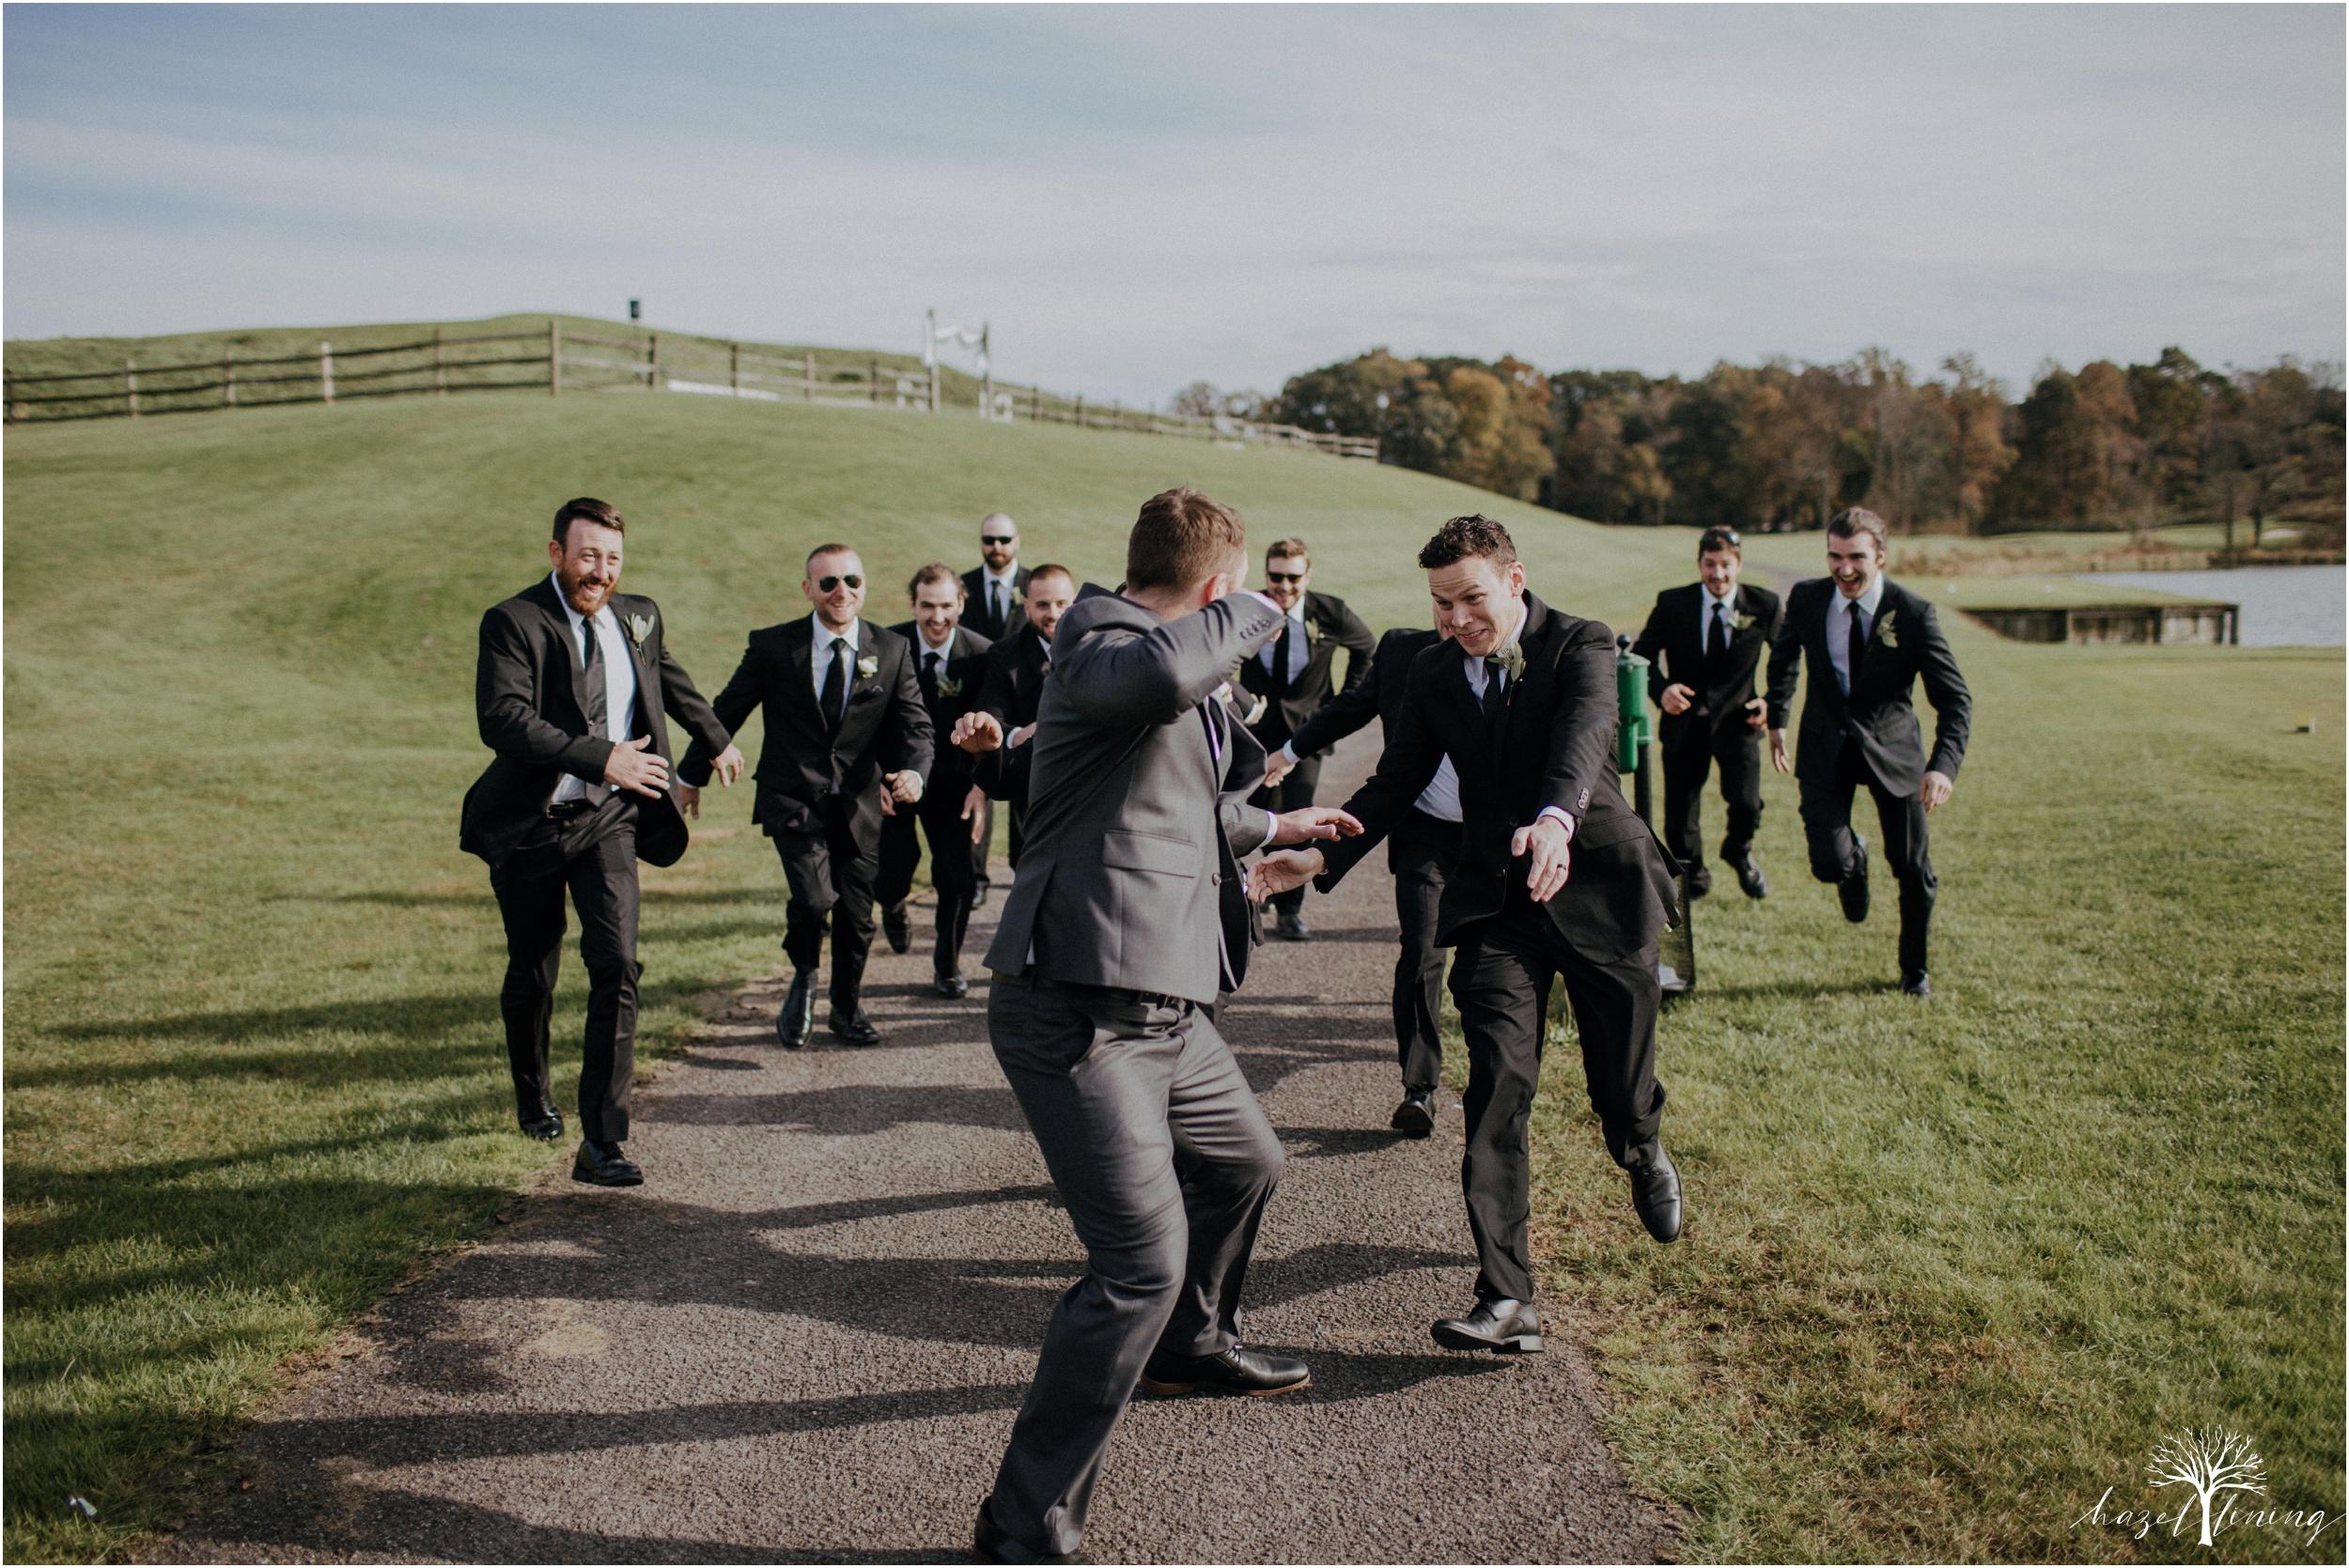 jessie-martin-zach-umlauf-olde-homestead-golfclub-outdoor-autumn-wedding_0060.jpg